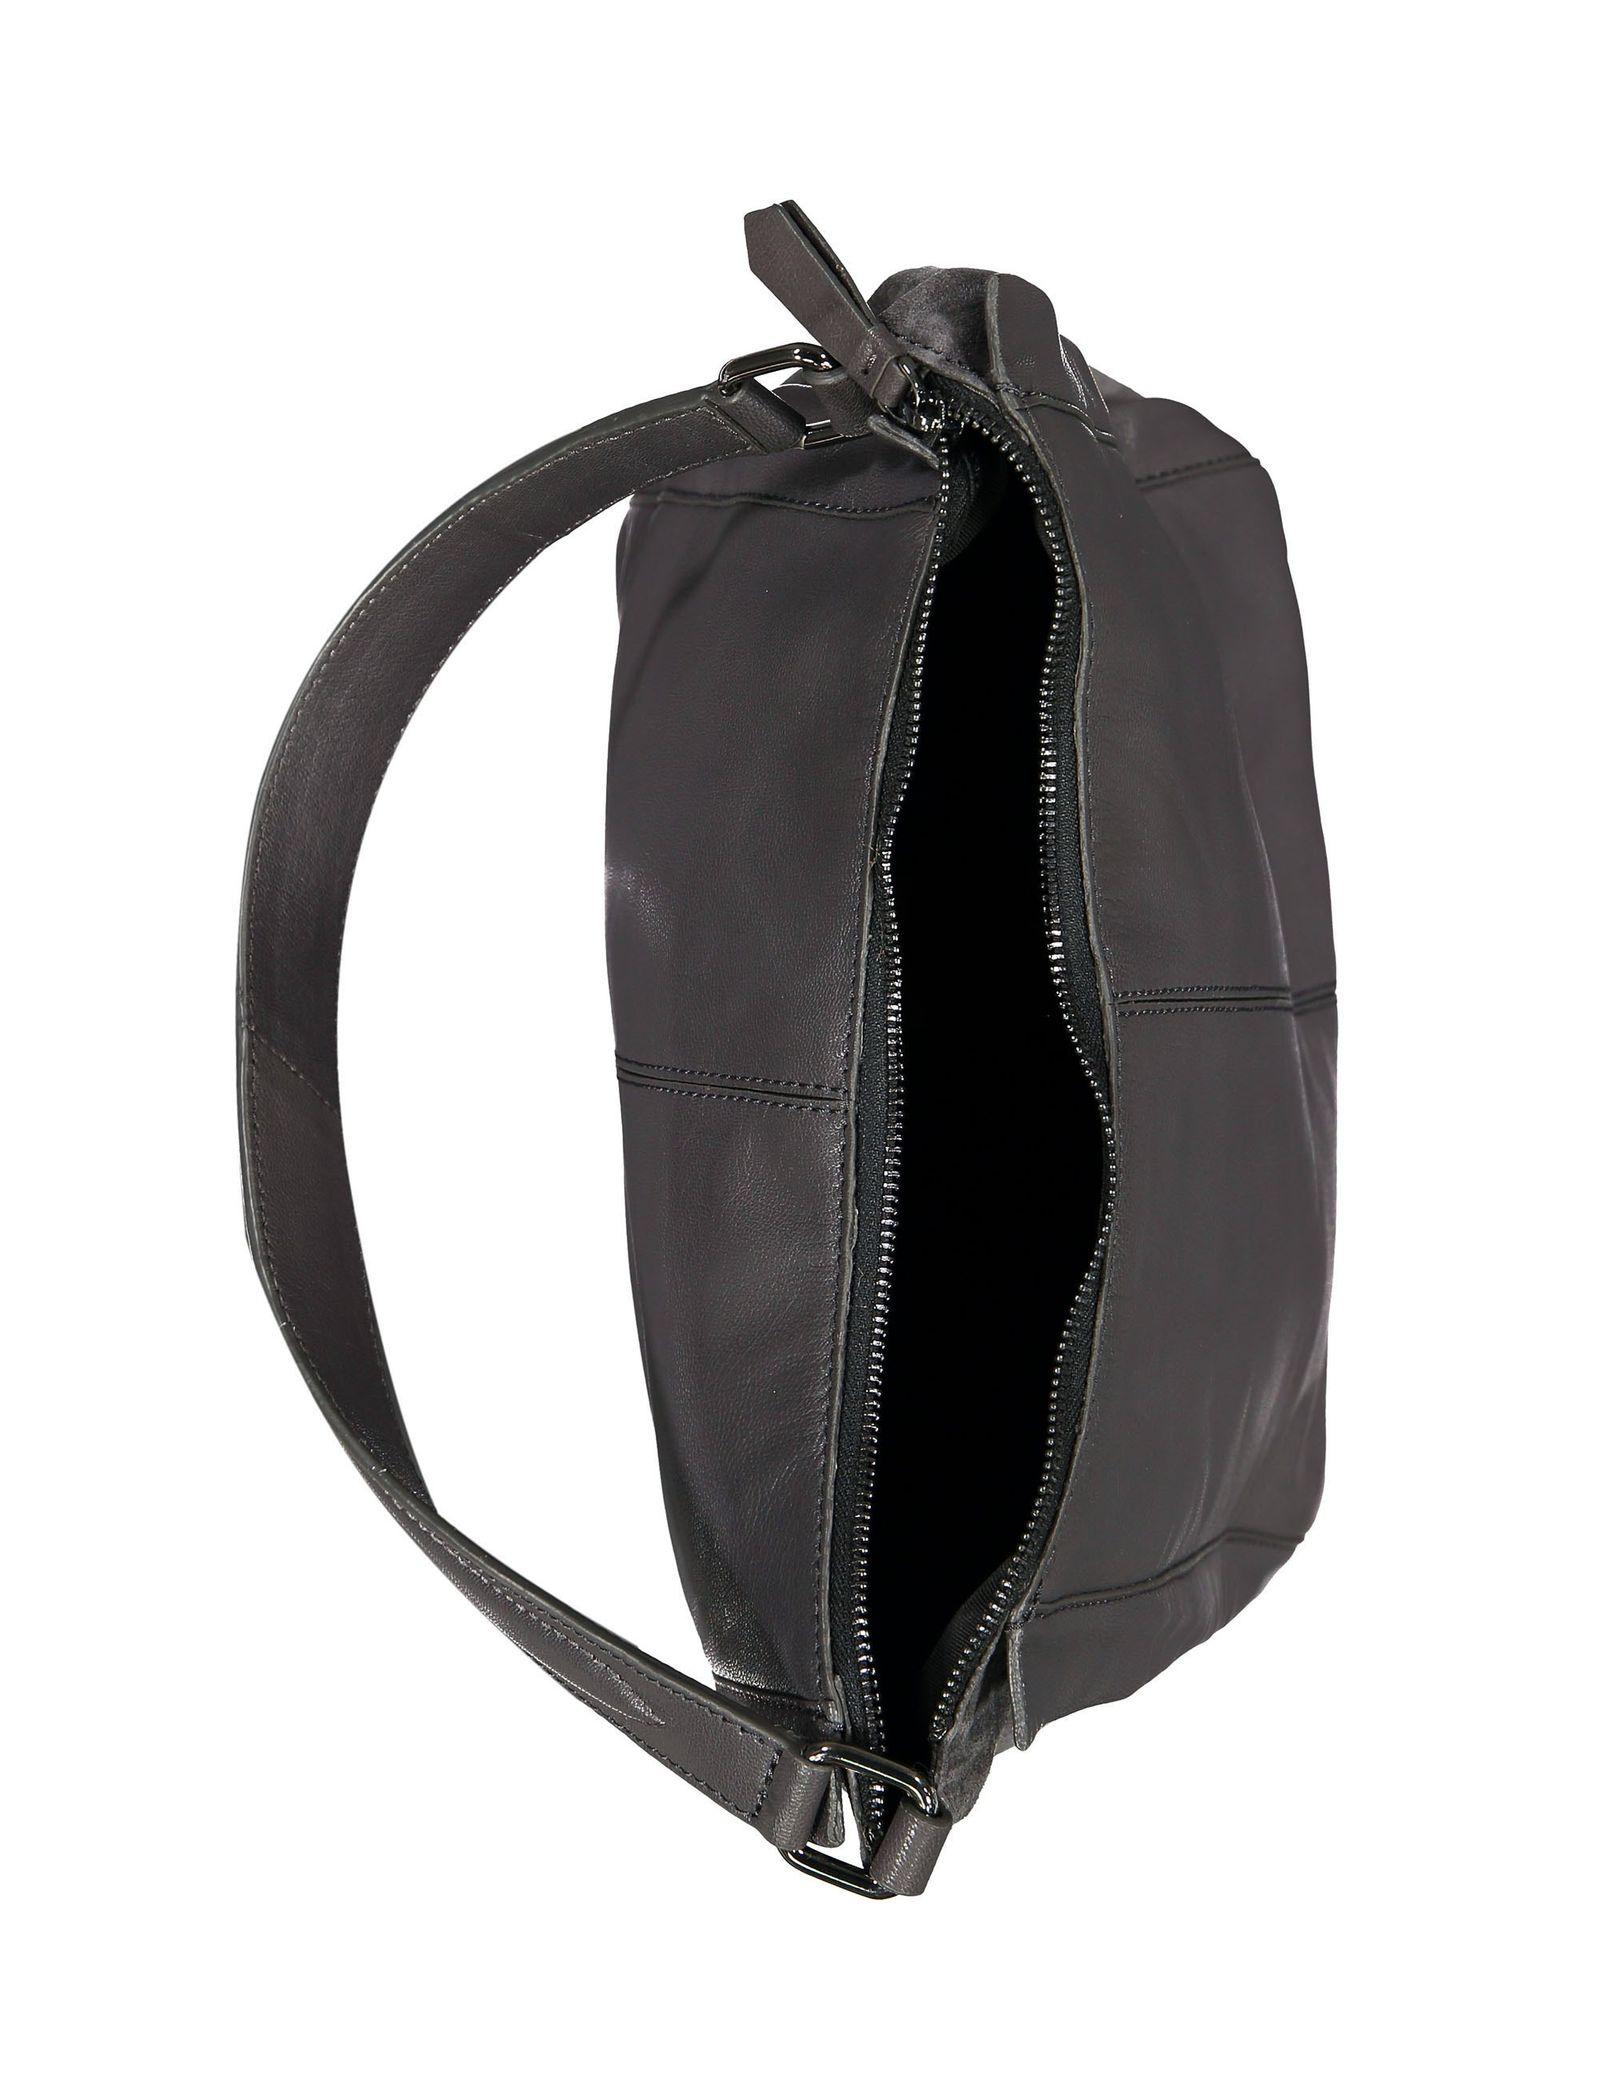 کیف دوشی چرم زنانه - باتا - قهوه اي مايل به طوسي - 5